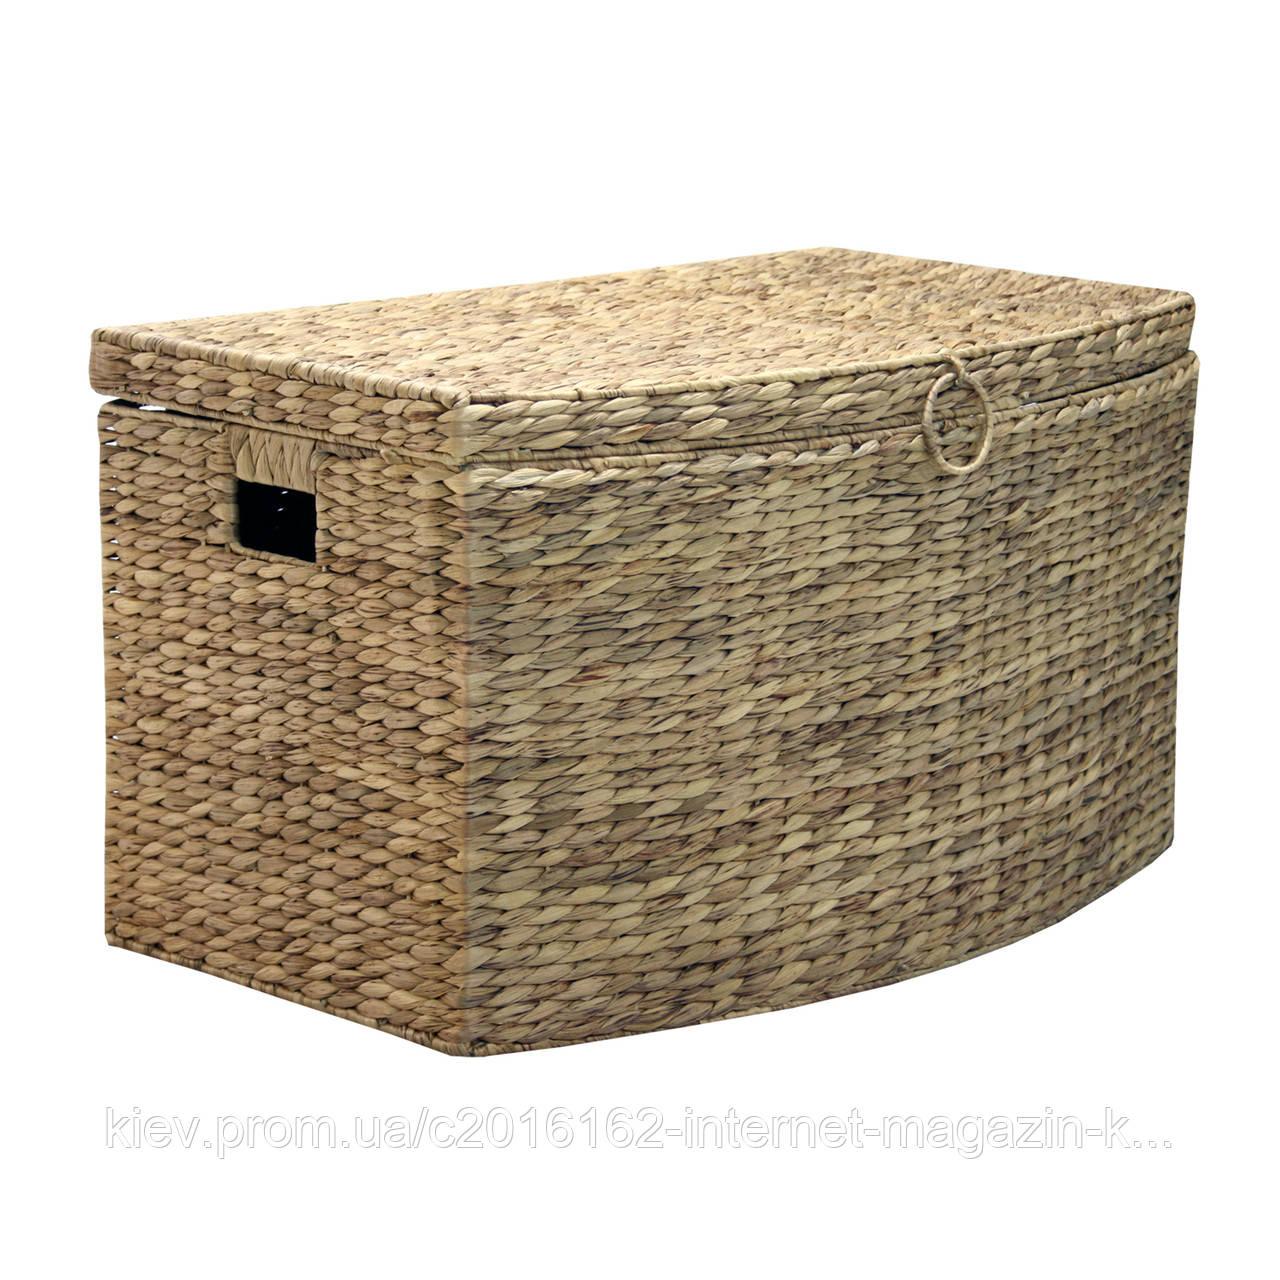 Большая плетеная корзина с крышкой Home4You MAYA-1  69x43xH41cm  natural